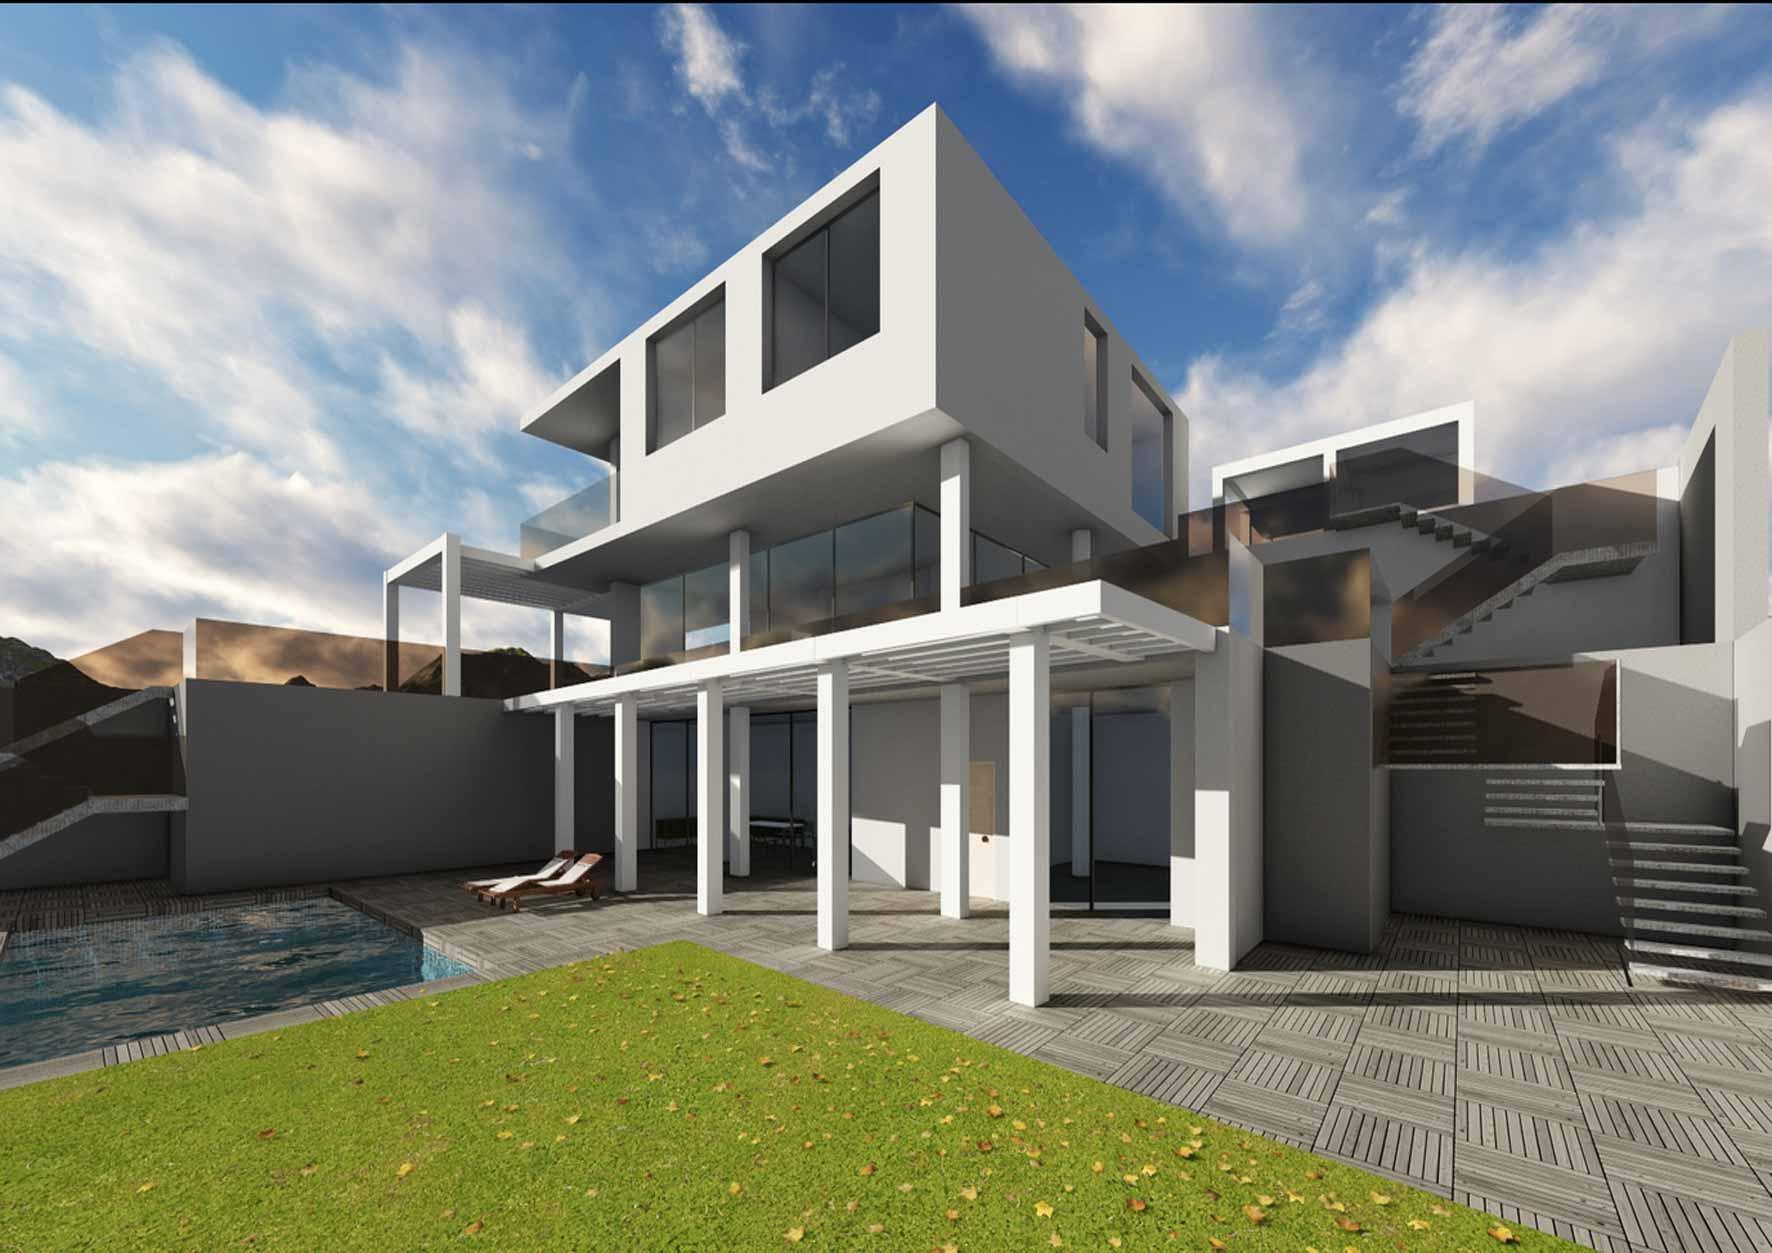 Villas de lujo en m laga manuel navarro arquitecto - Arquitectos en malaga ...